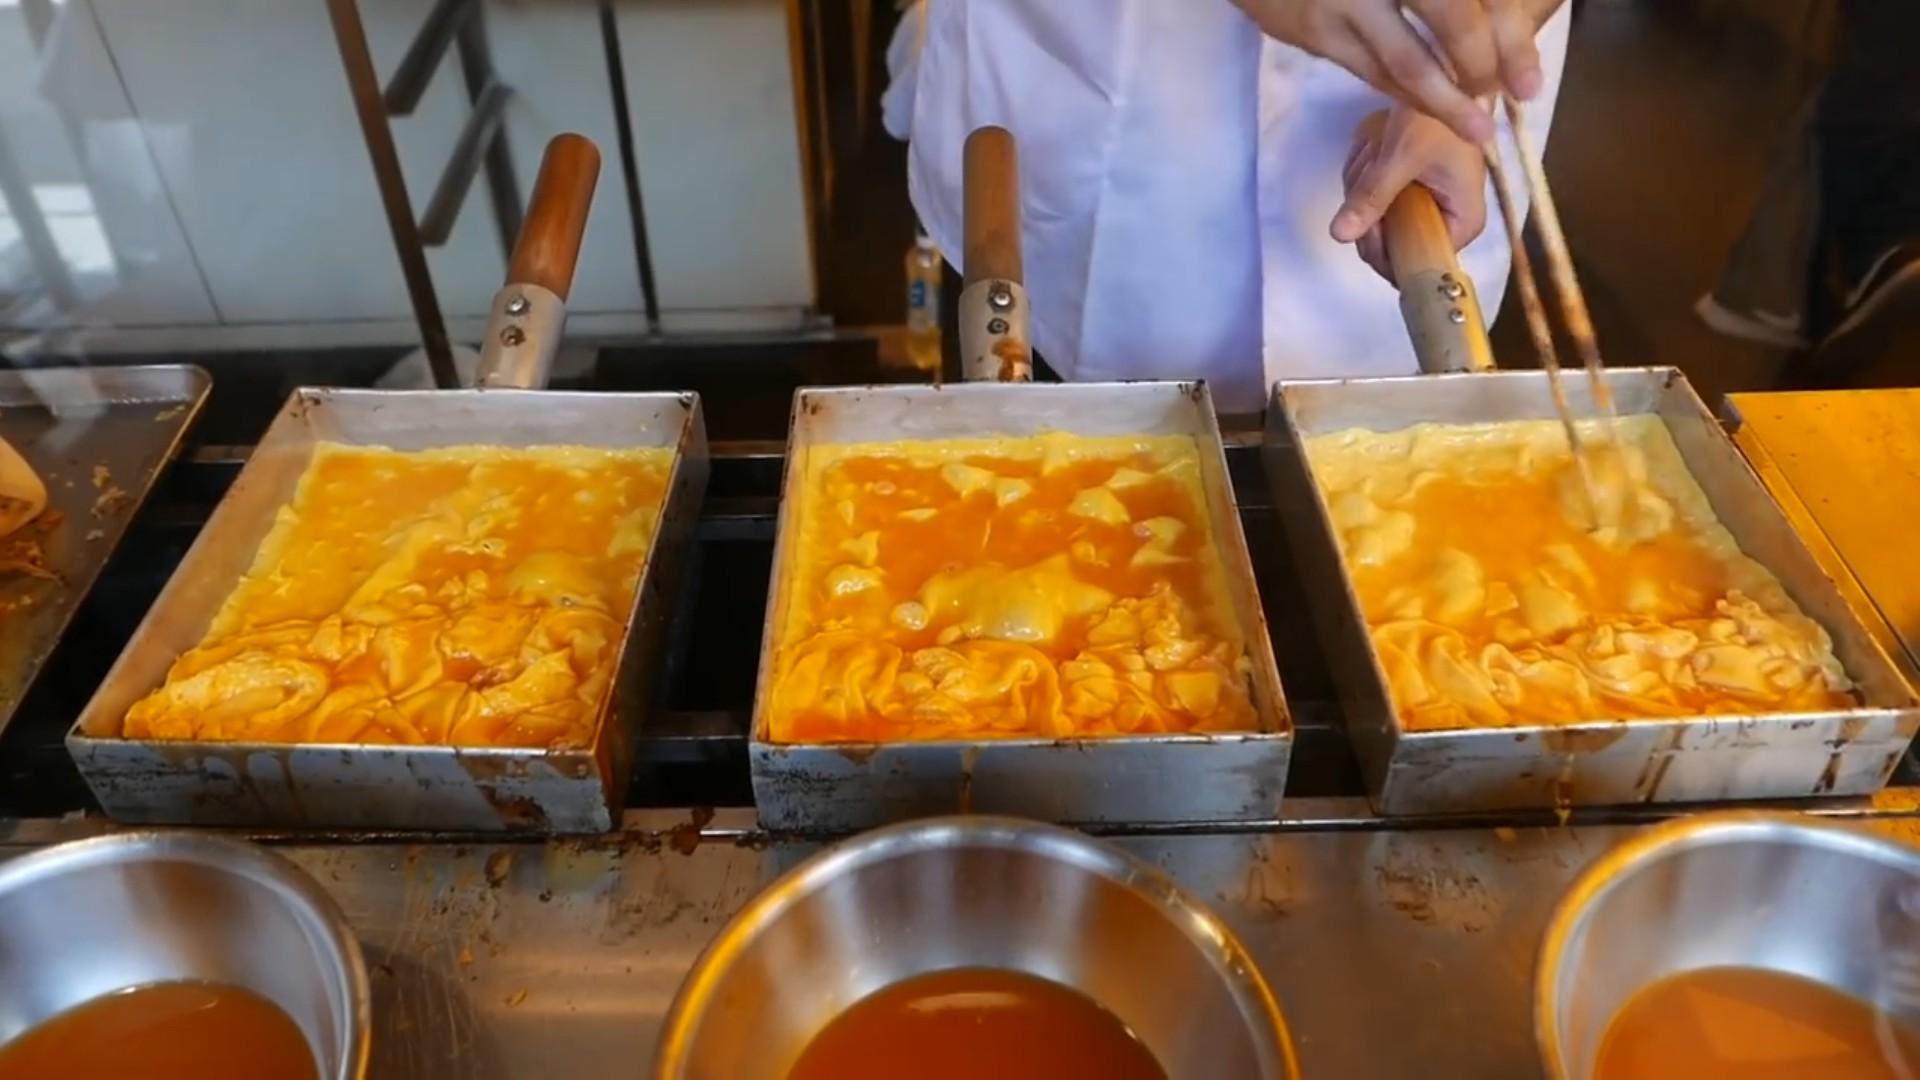 #日本小吃#日本小吃 - 东京 玉子烧 - 煎蛋卷看着就想咬一口